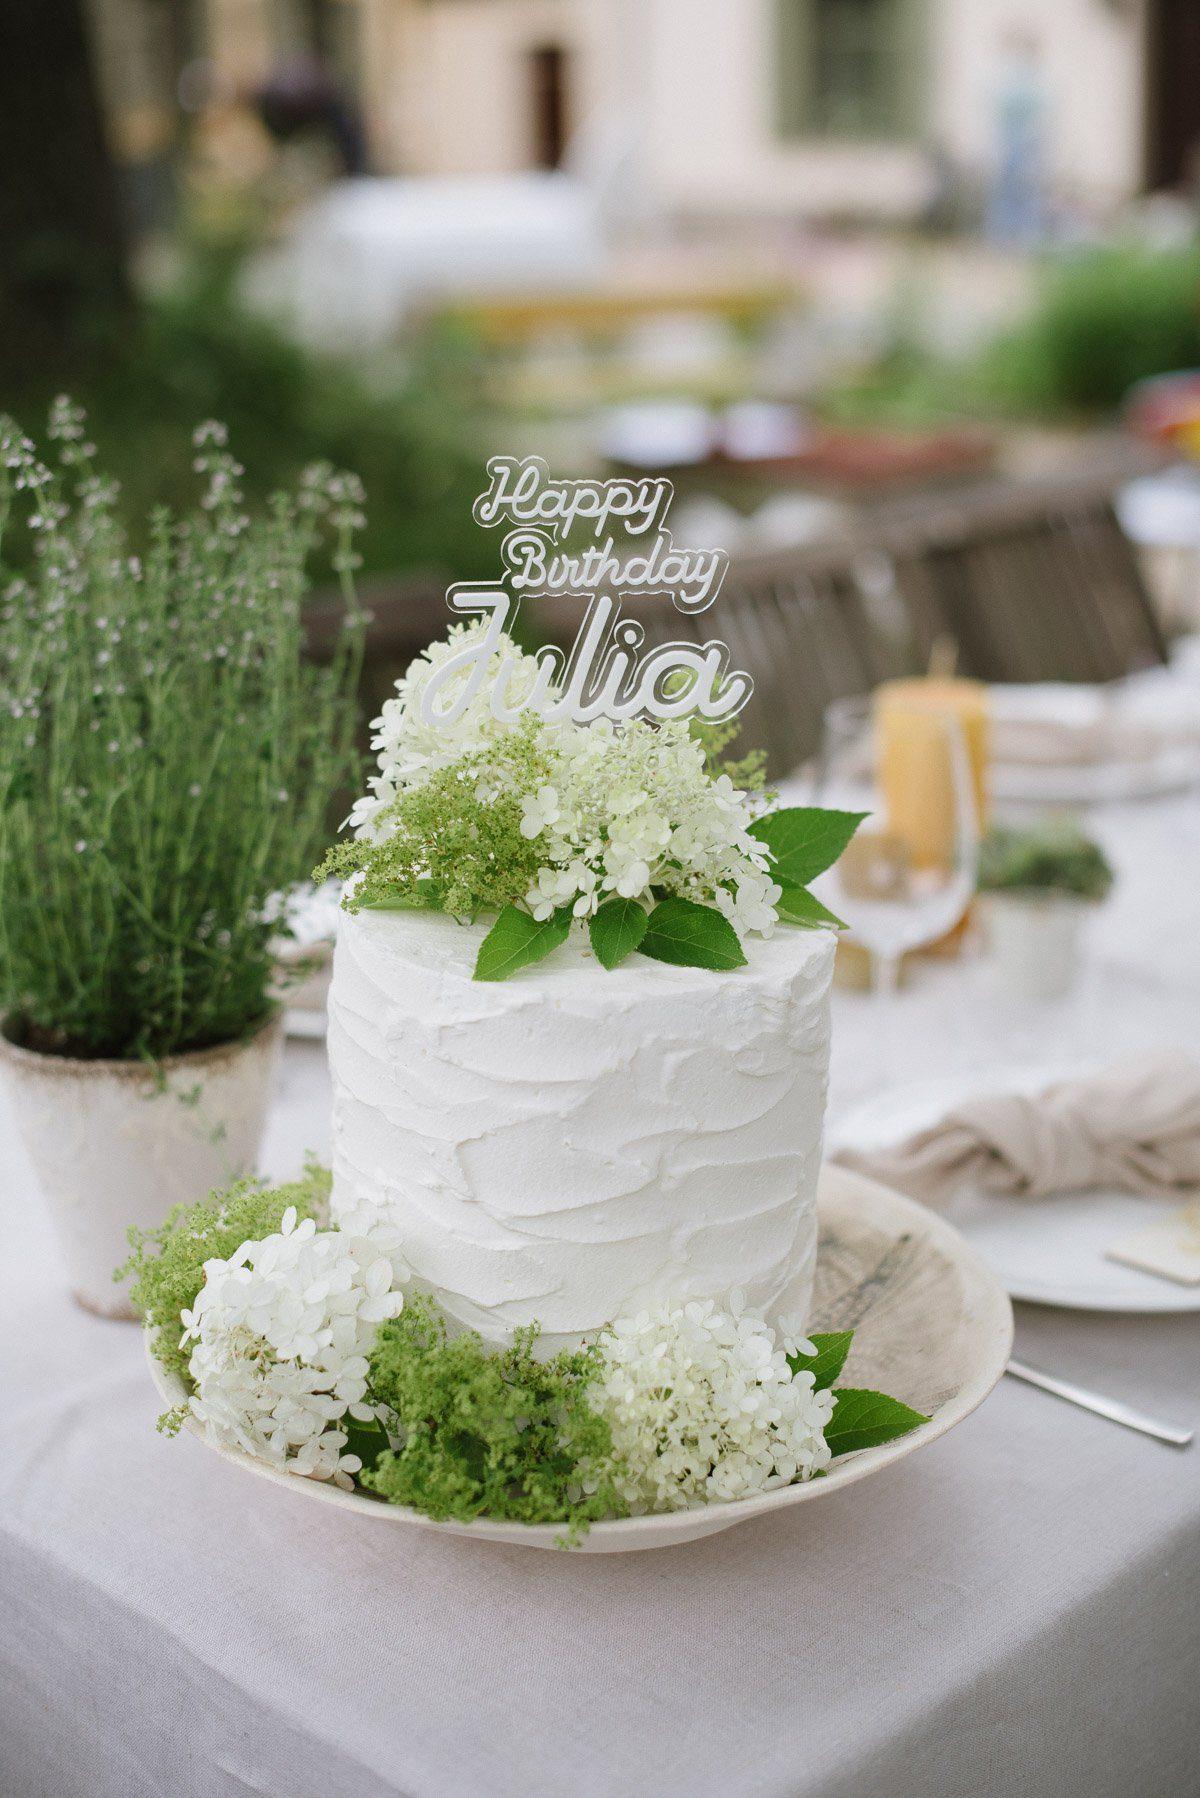 Torte mit individuellem Cake Topper: Happy Birthday Julia